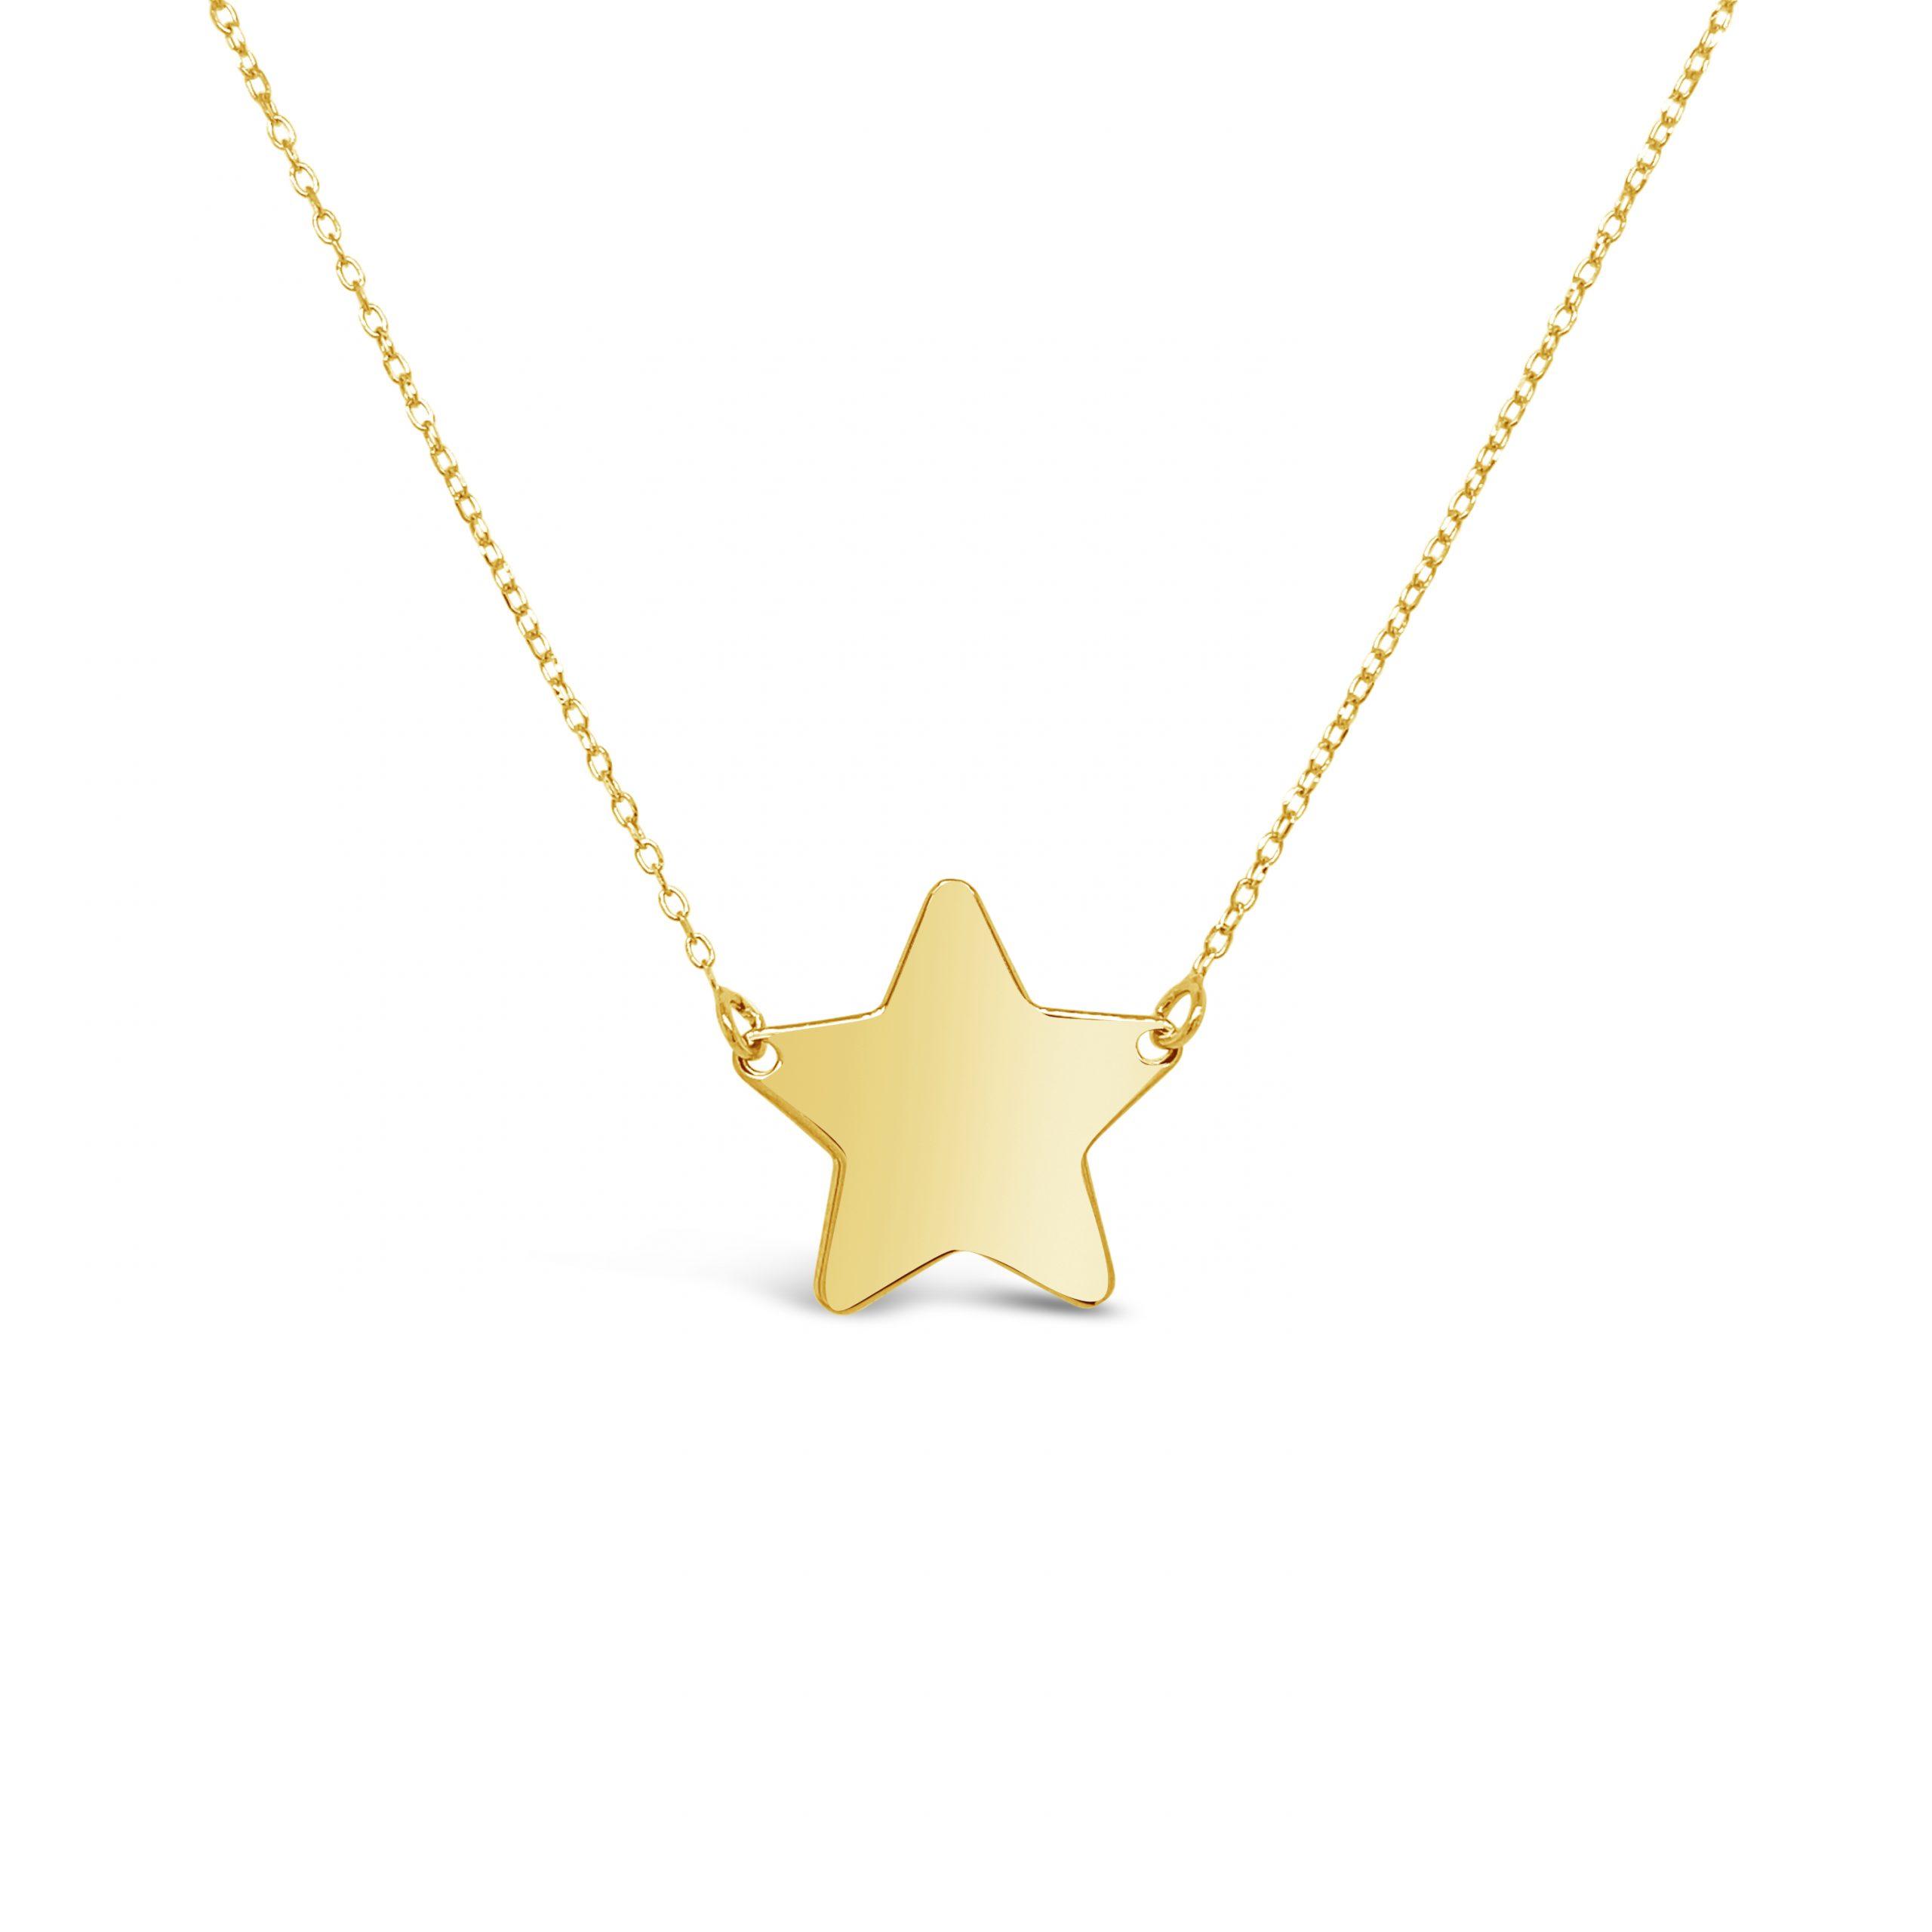 Pendantif Estrella